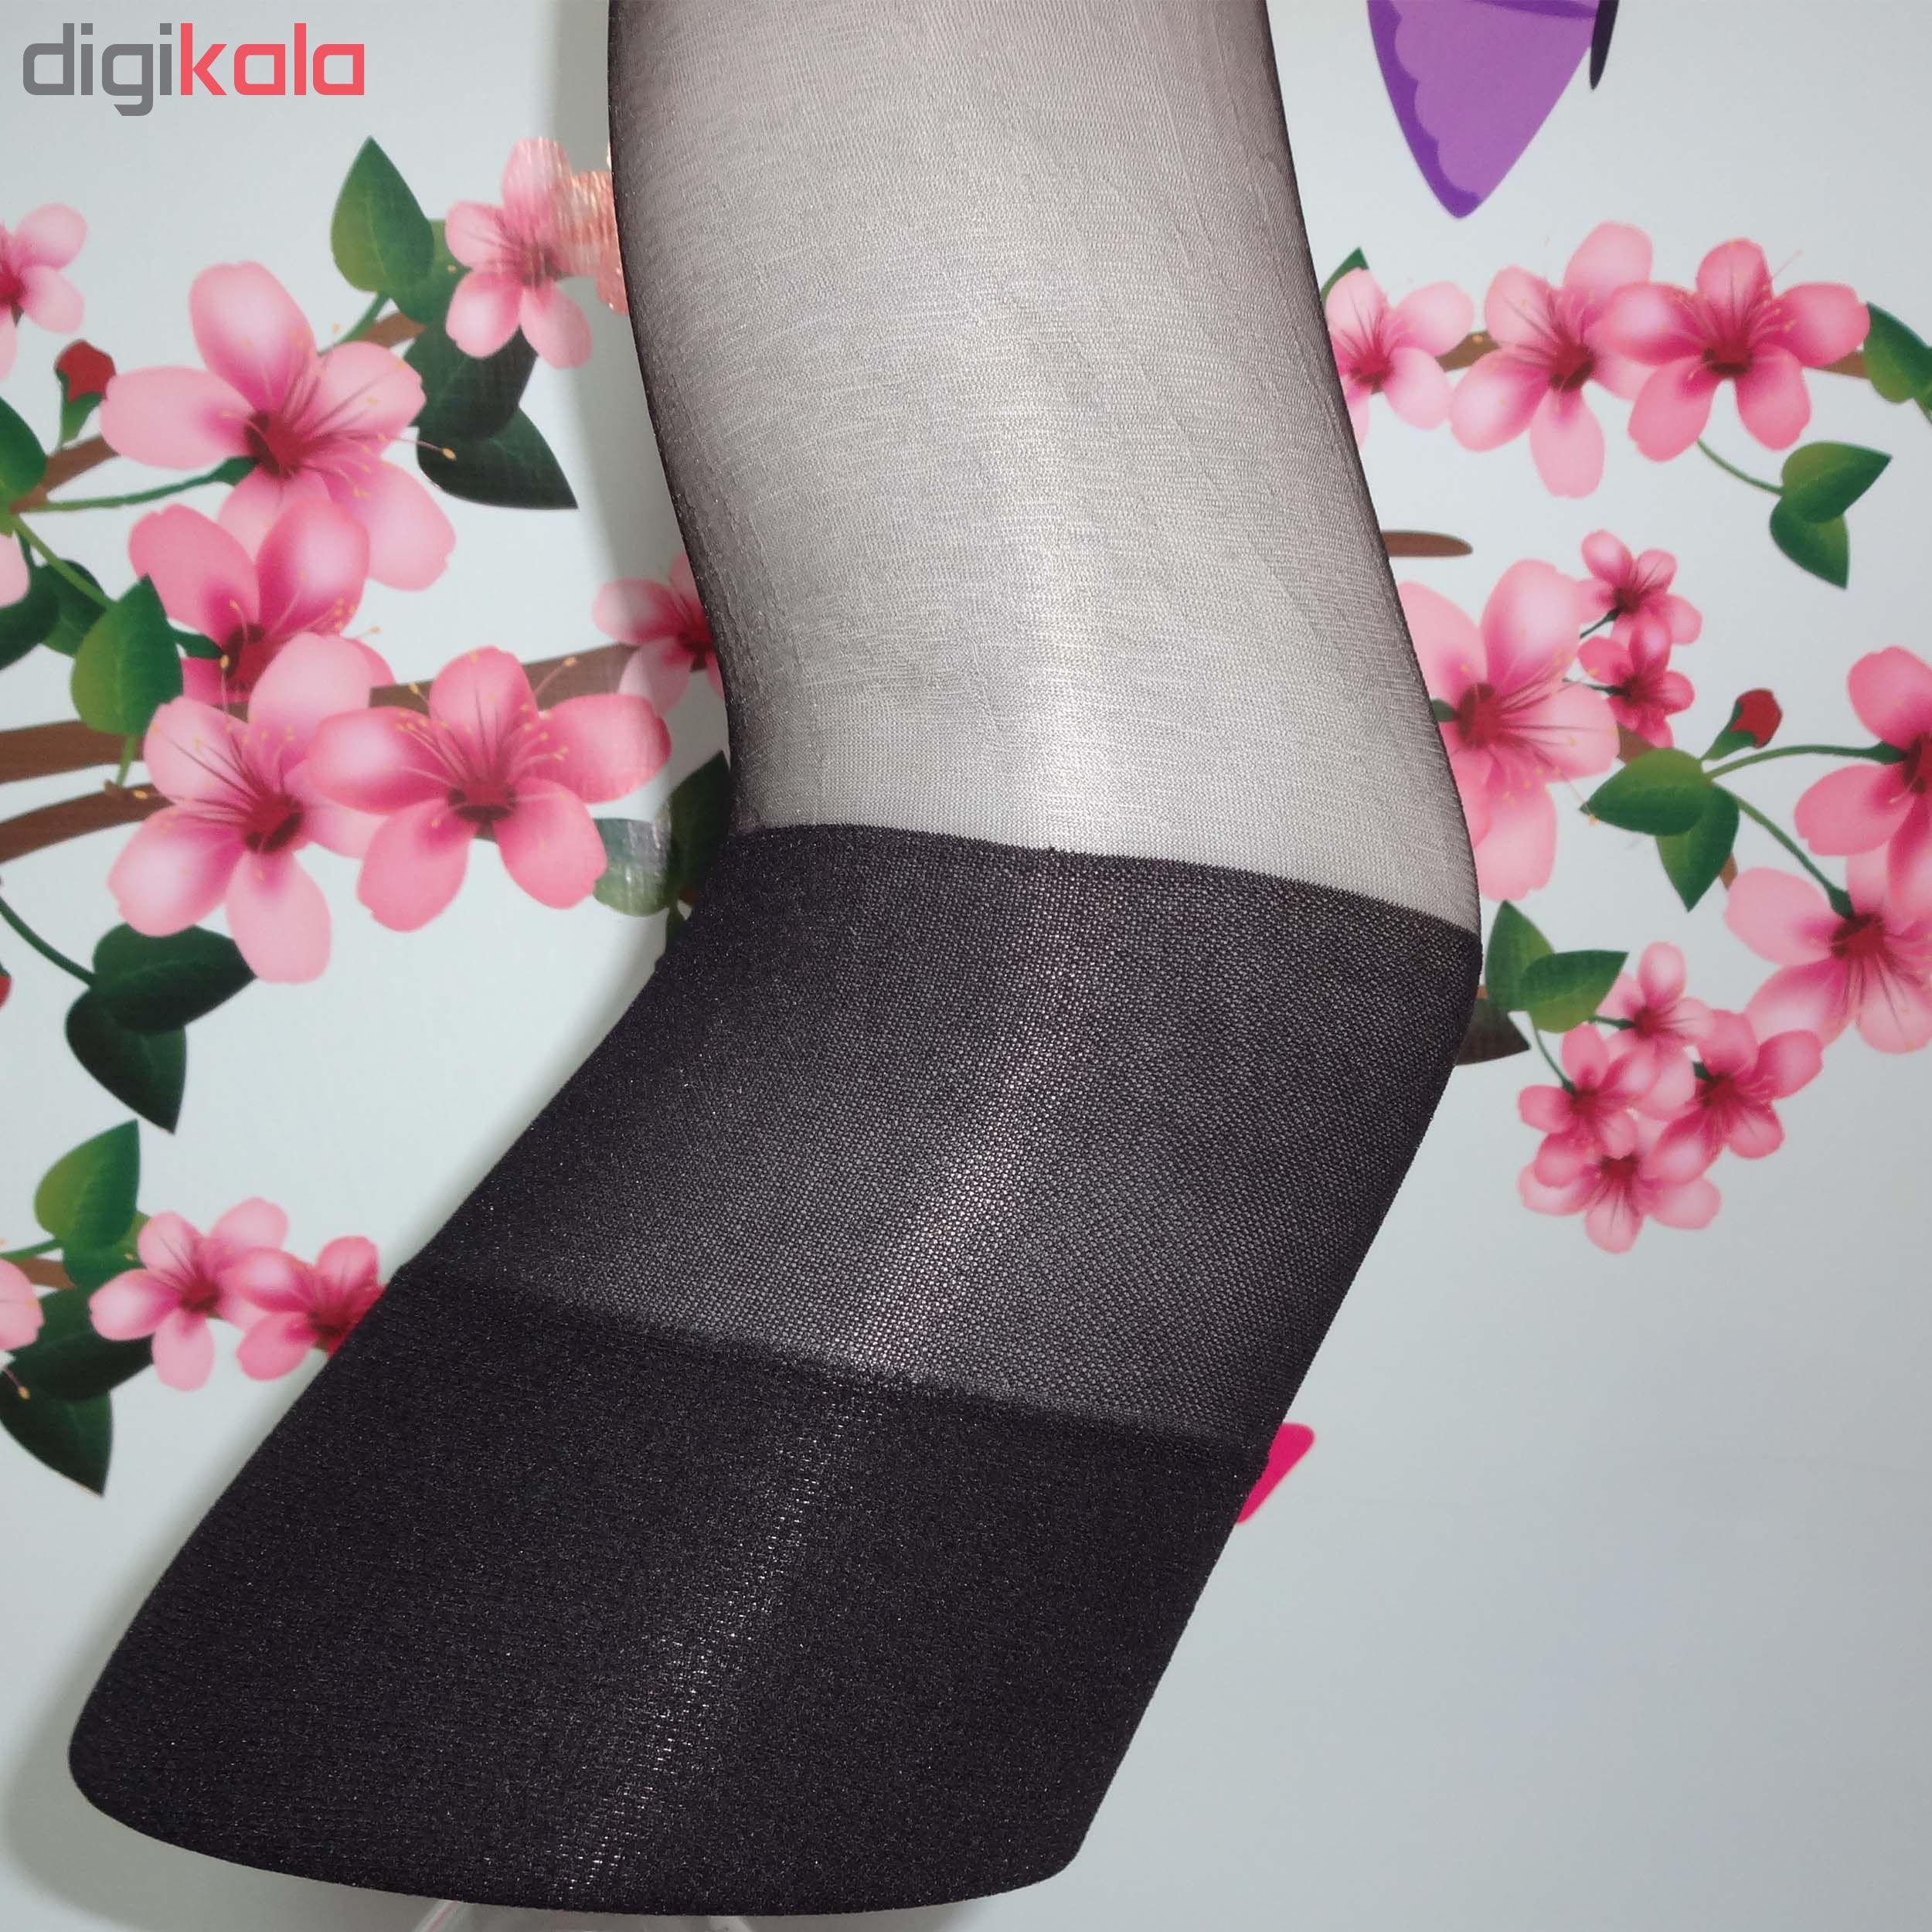 جوراب زنانه مدل 1.10 کد 5sambla main 1 3